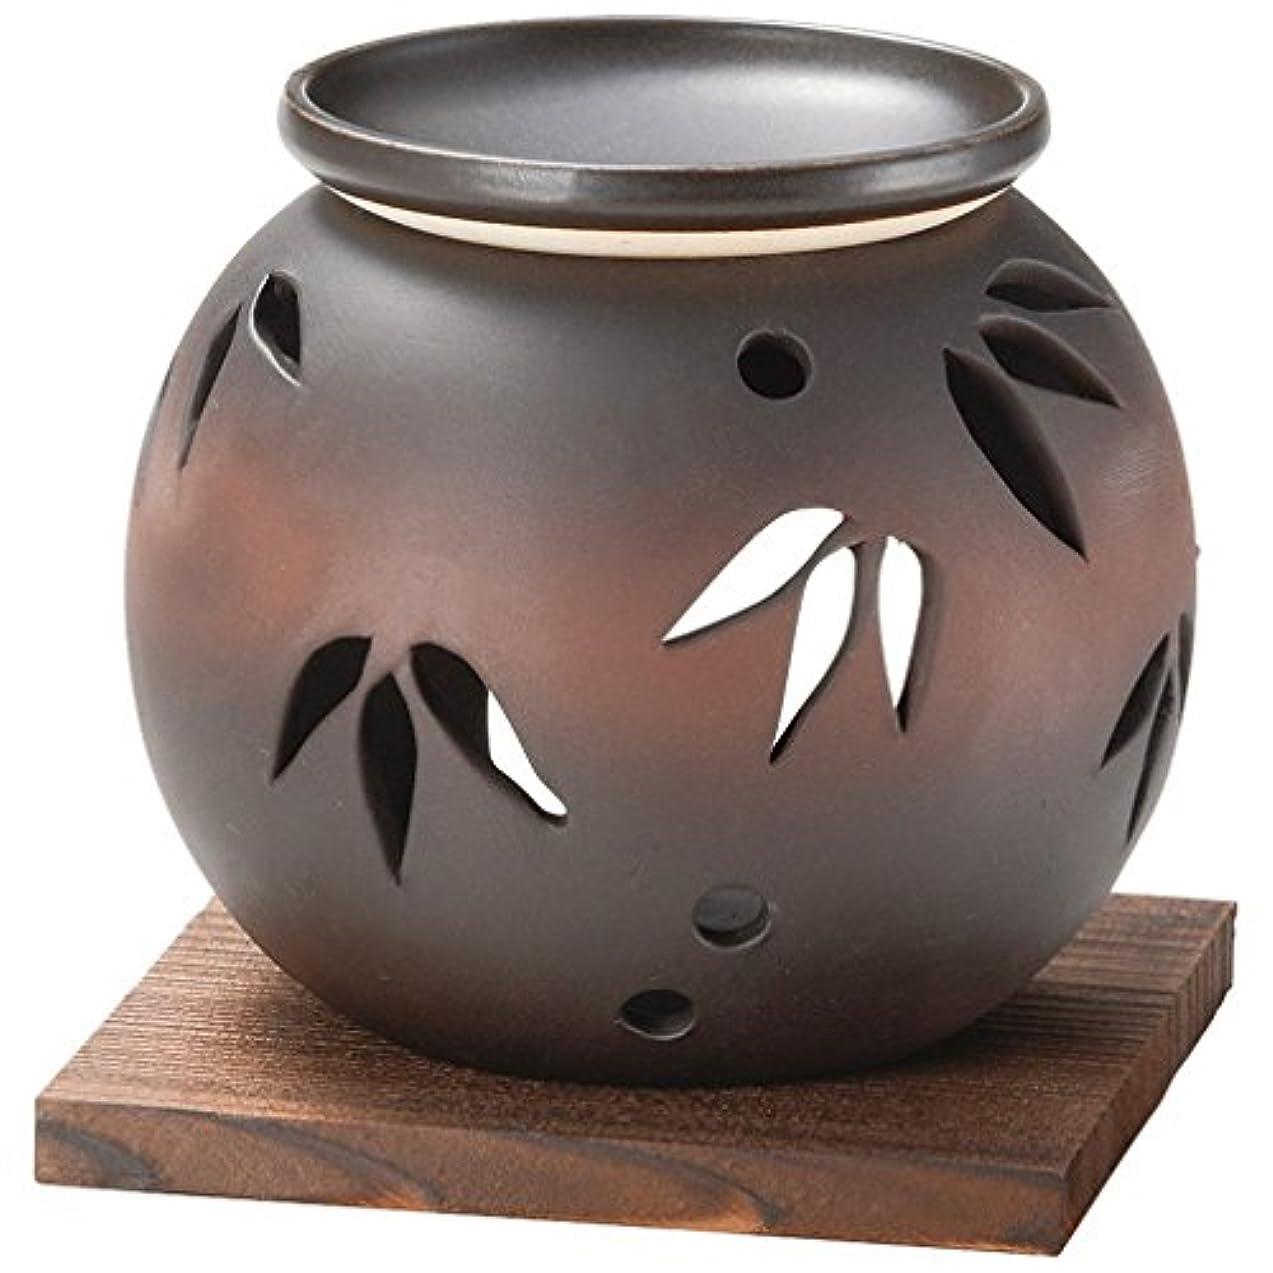 から位置づける既に山下工芸 常滑焼 茶窯変笹透かし茶香炉 11×11.5×11.5cm 13045620